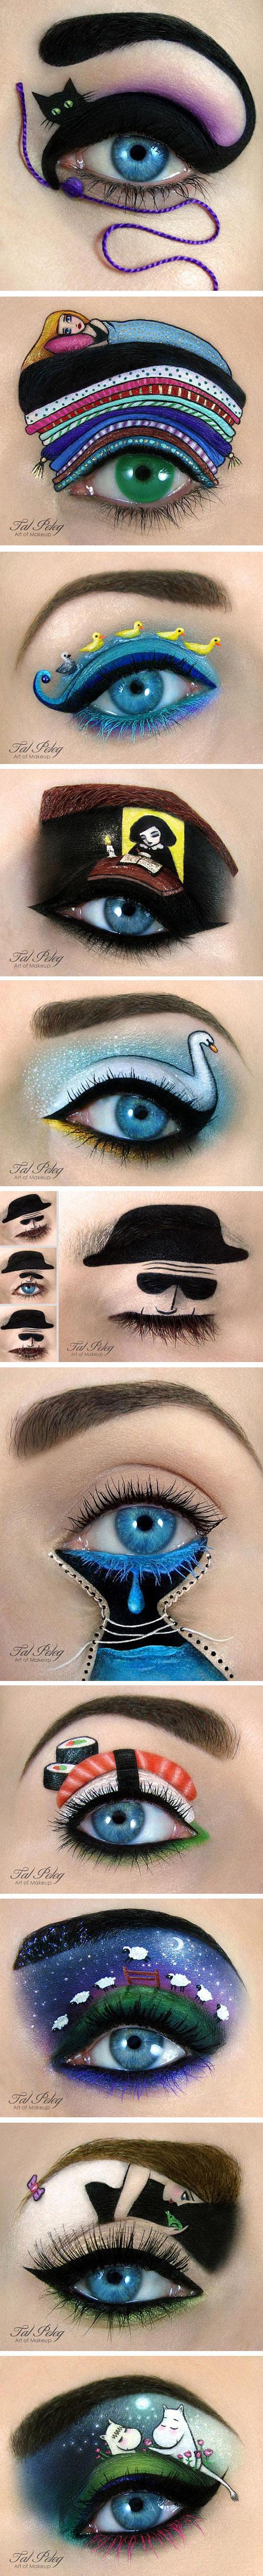 funny-eye-makeup-cat-colors-art-wool